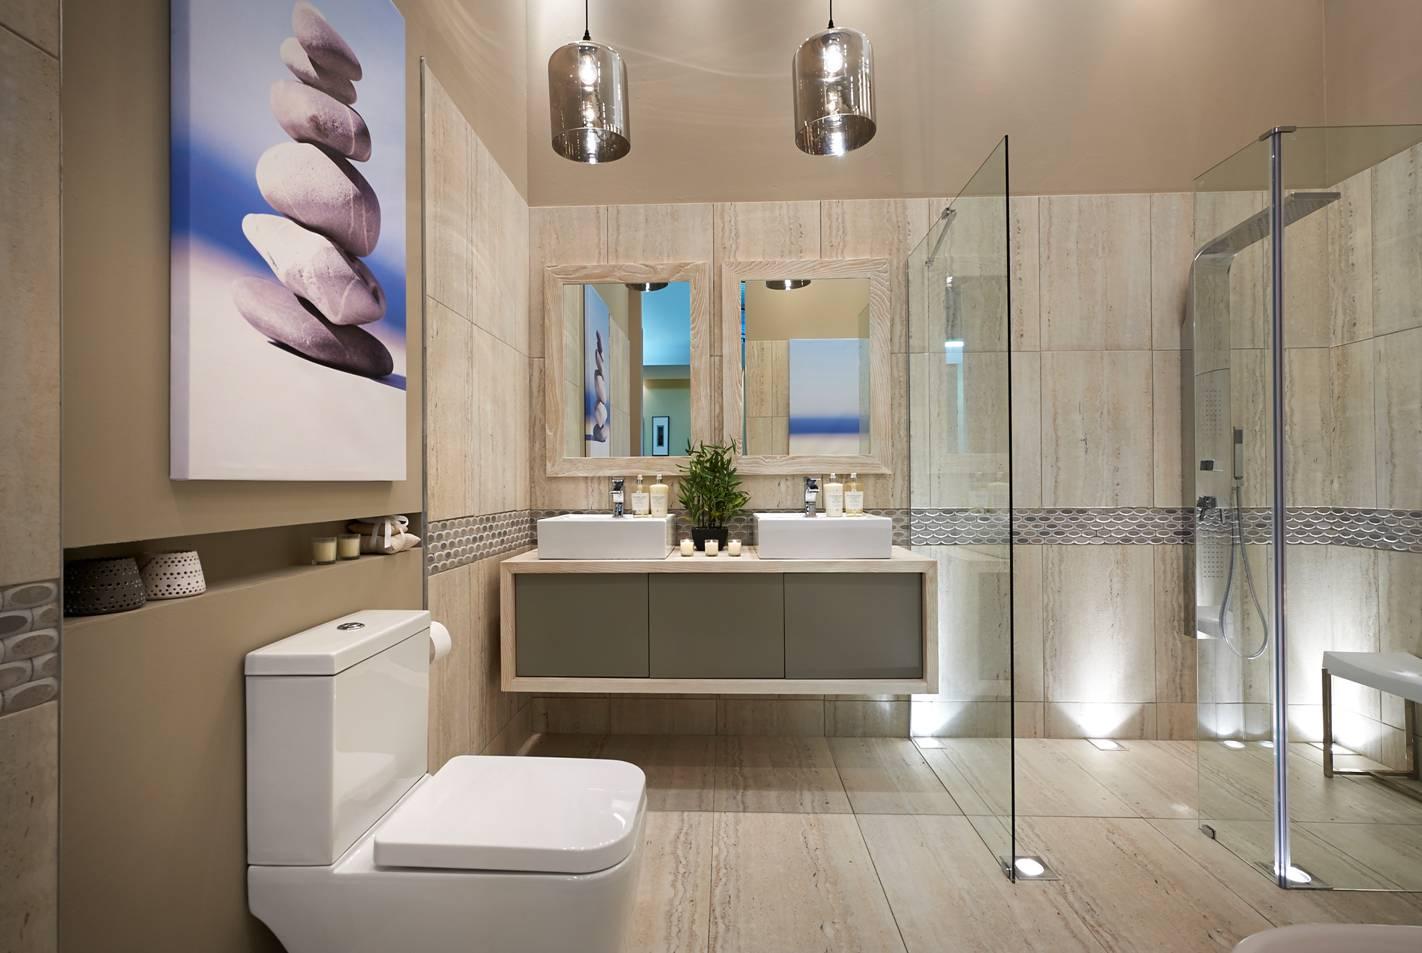 بالصور احلى حمام , اروع اشكال الحمامات 3690 2